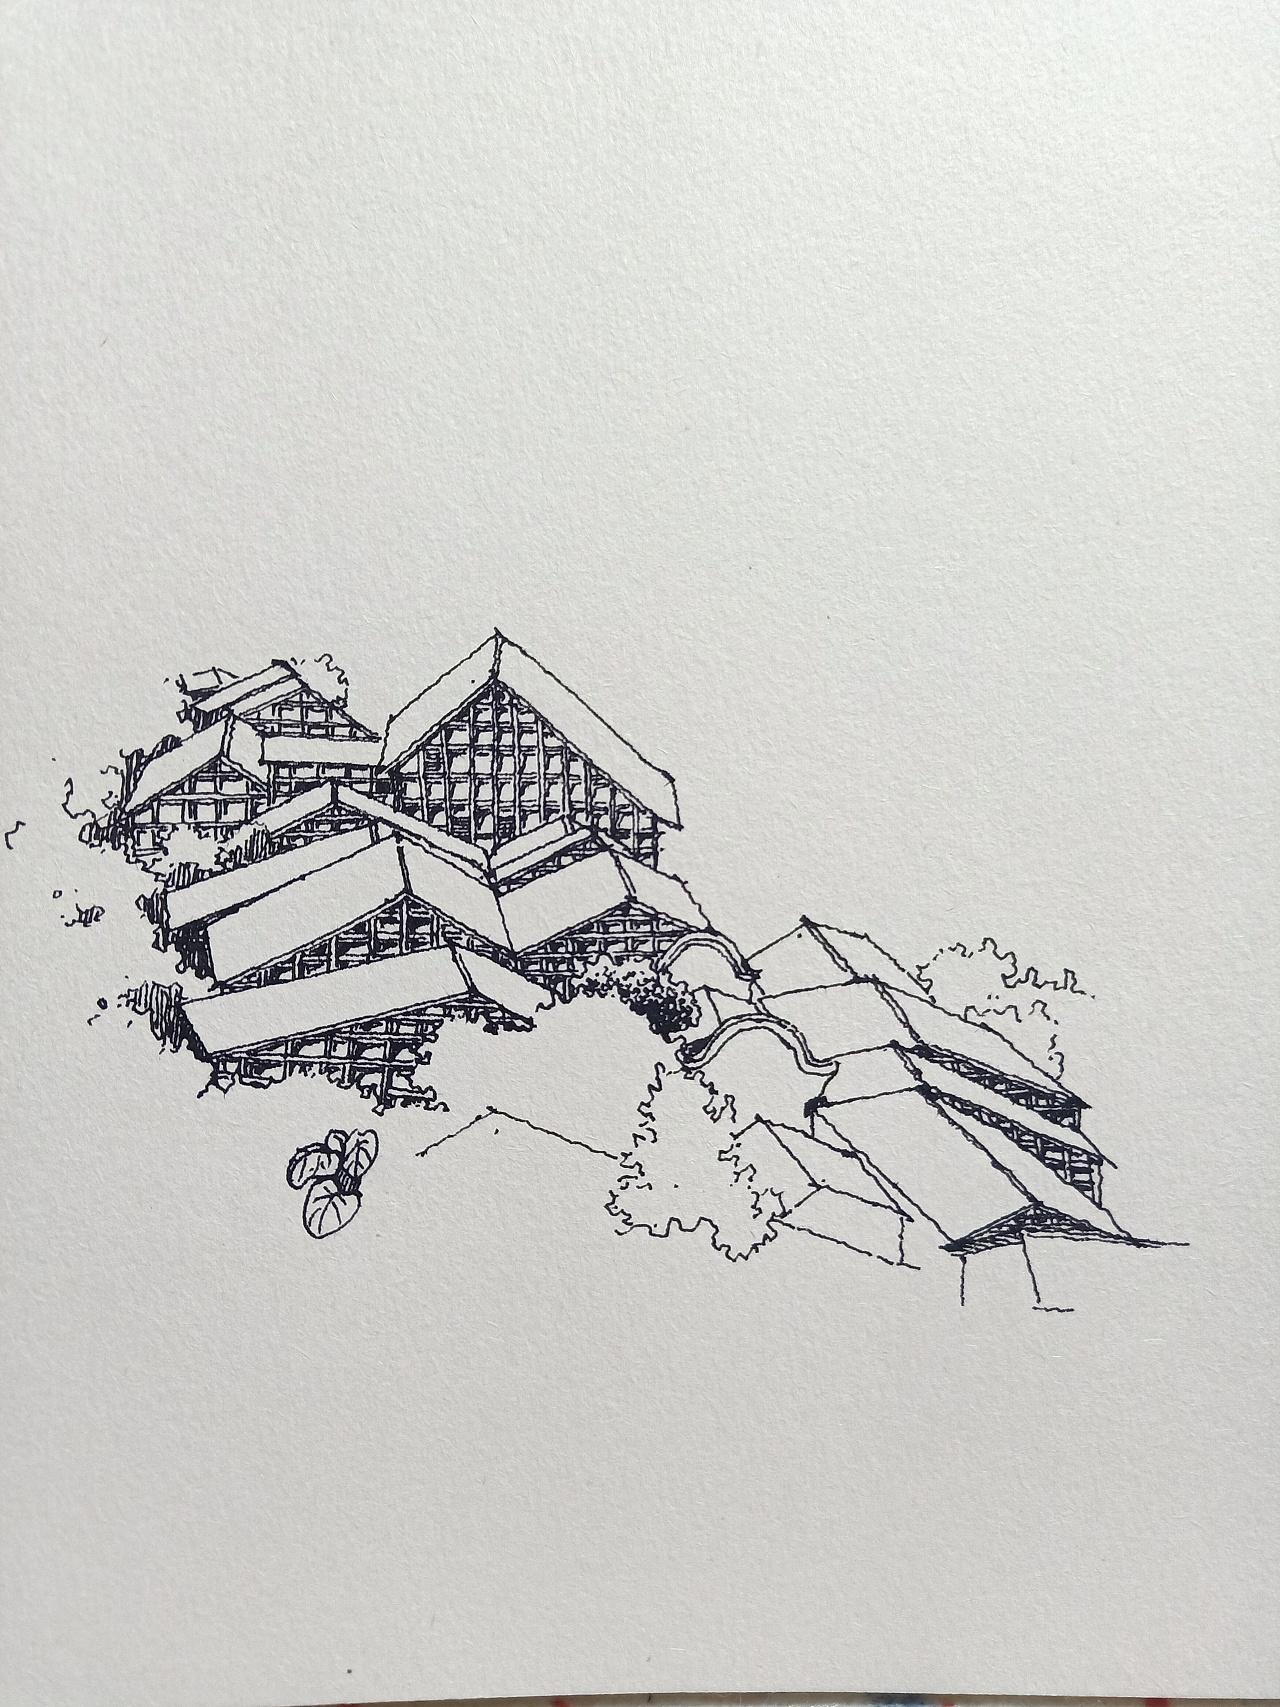 范炯钢笔画手绘基础班 提高班 精华班网络教学